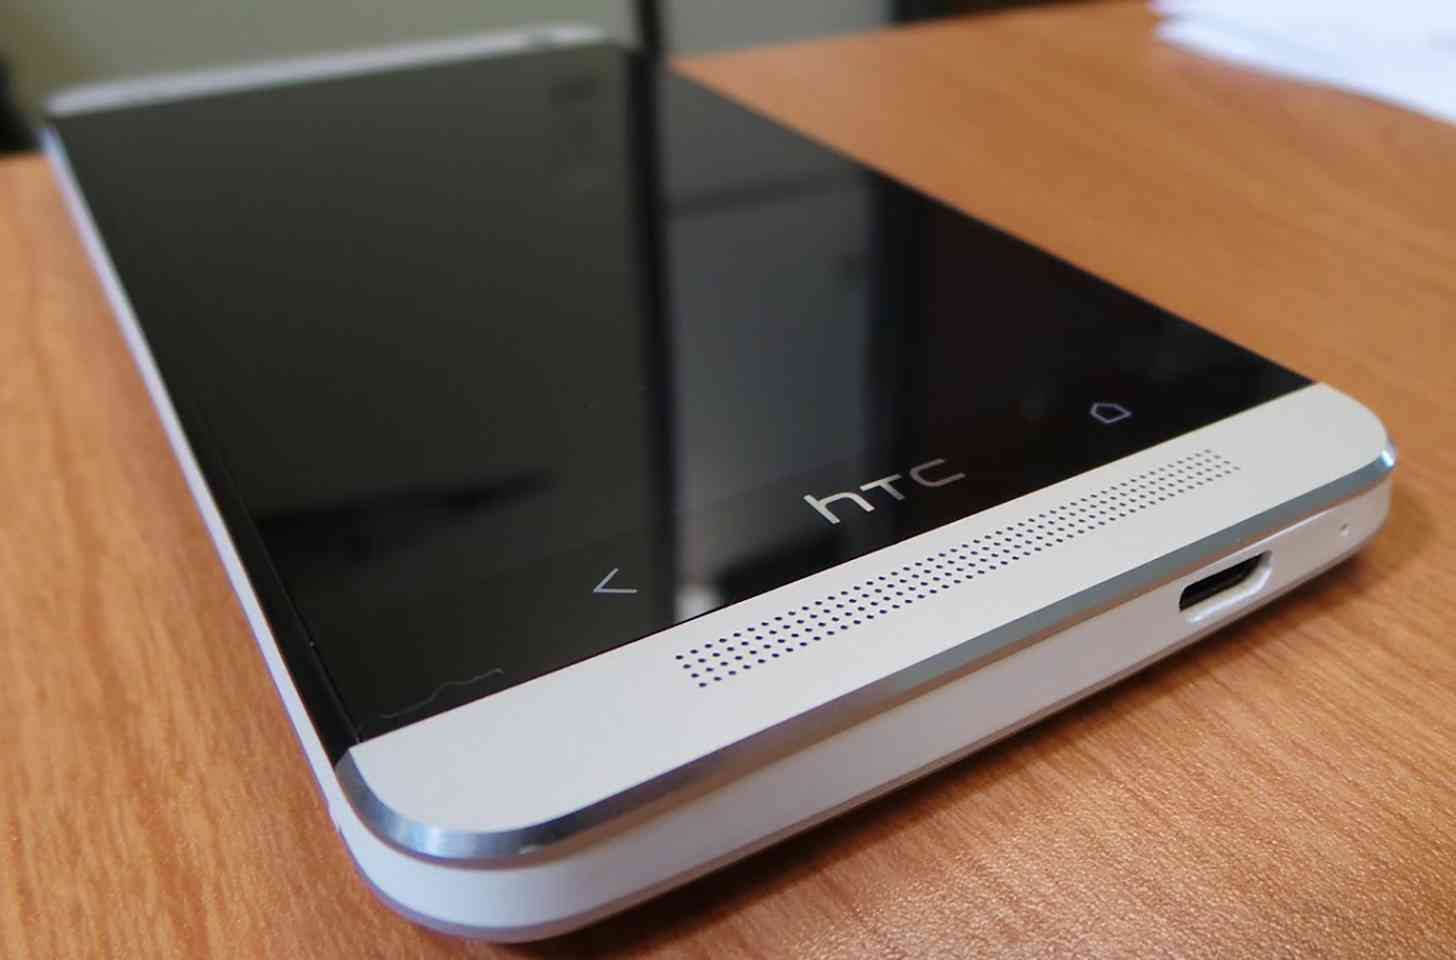 HTC One M7 closeup